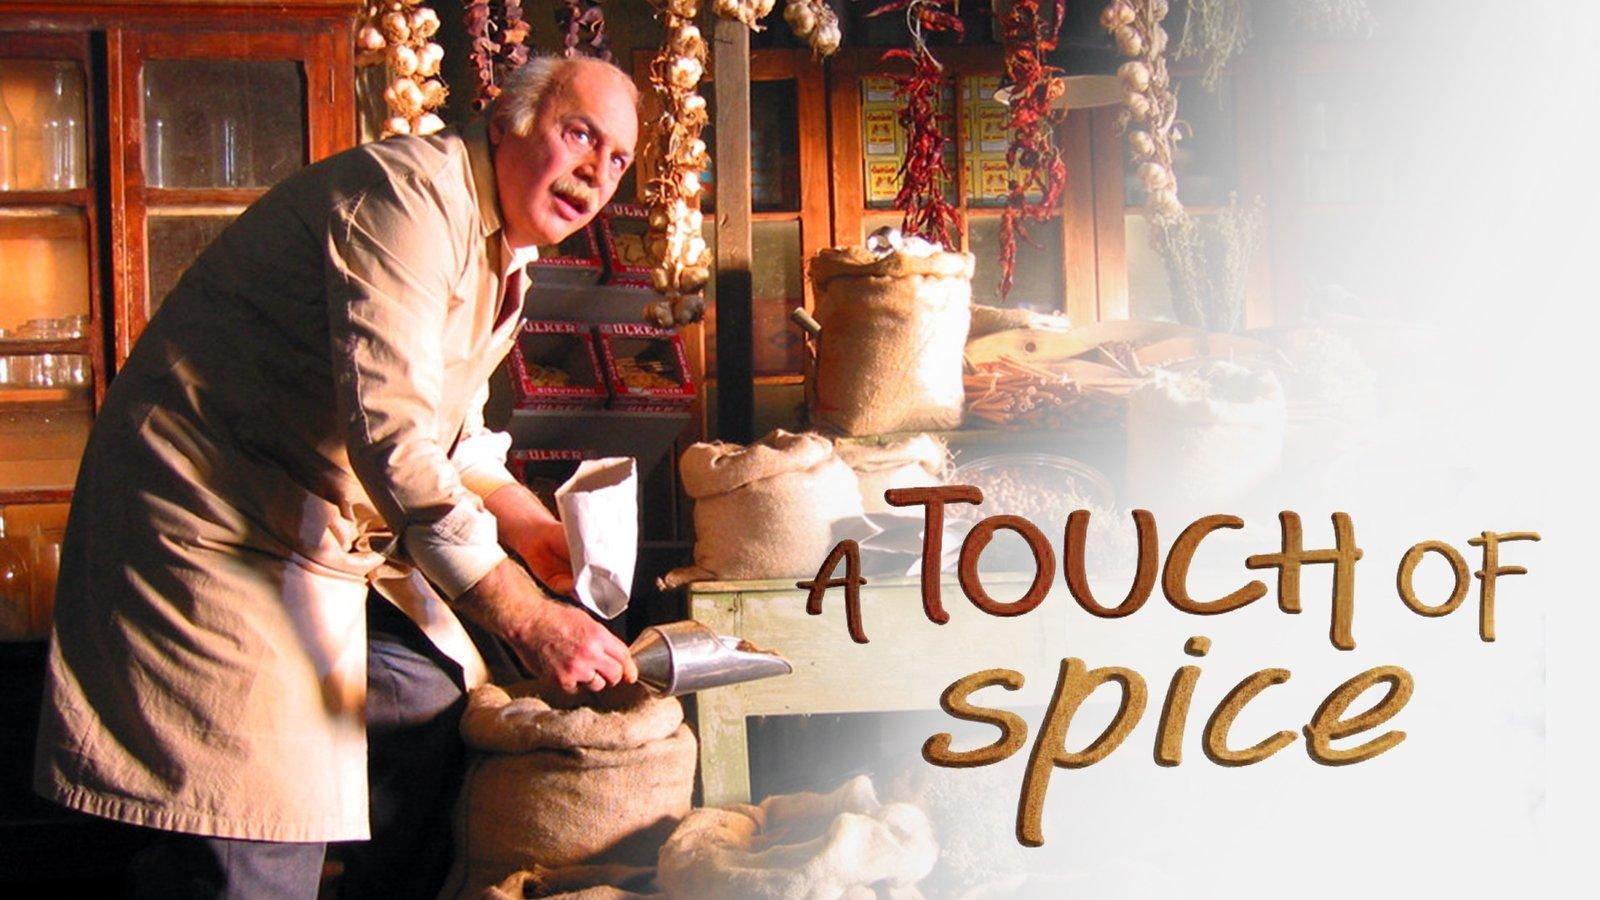 A Touch of Spice - Politiki kouzina